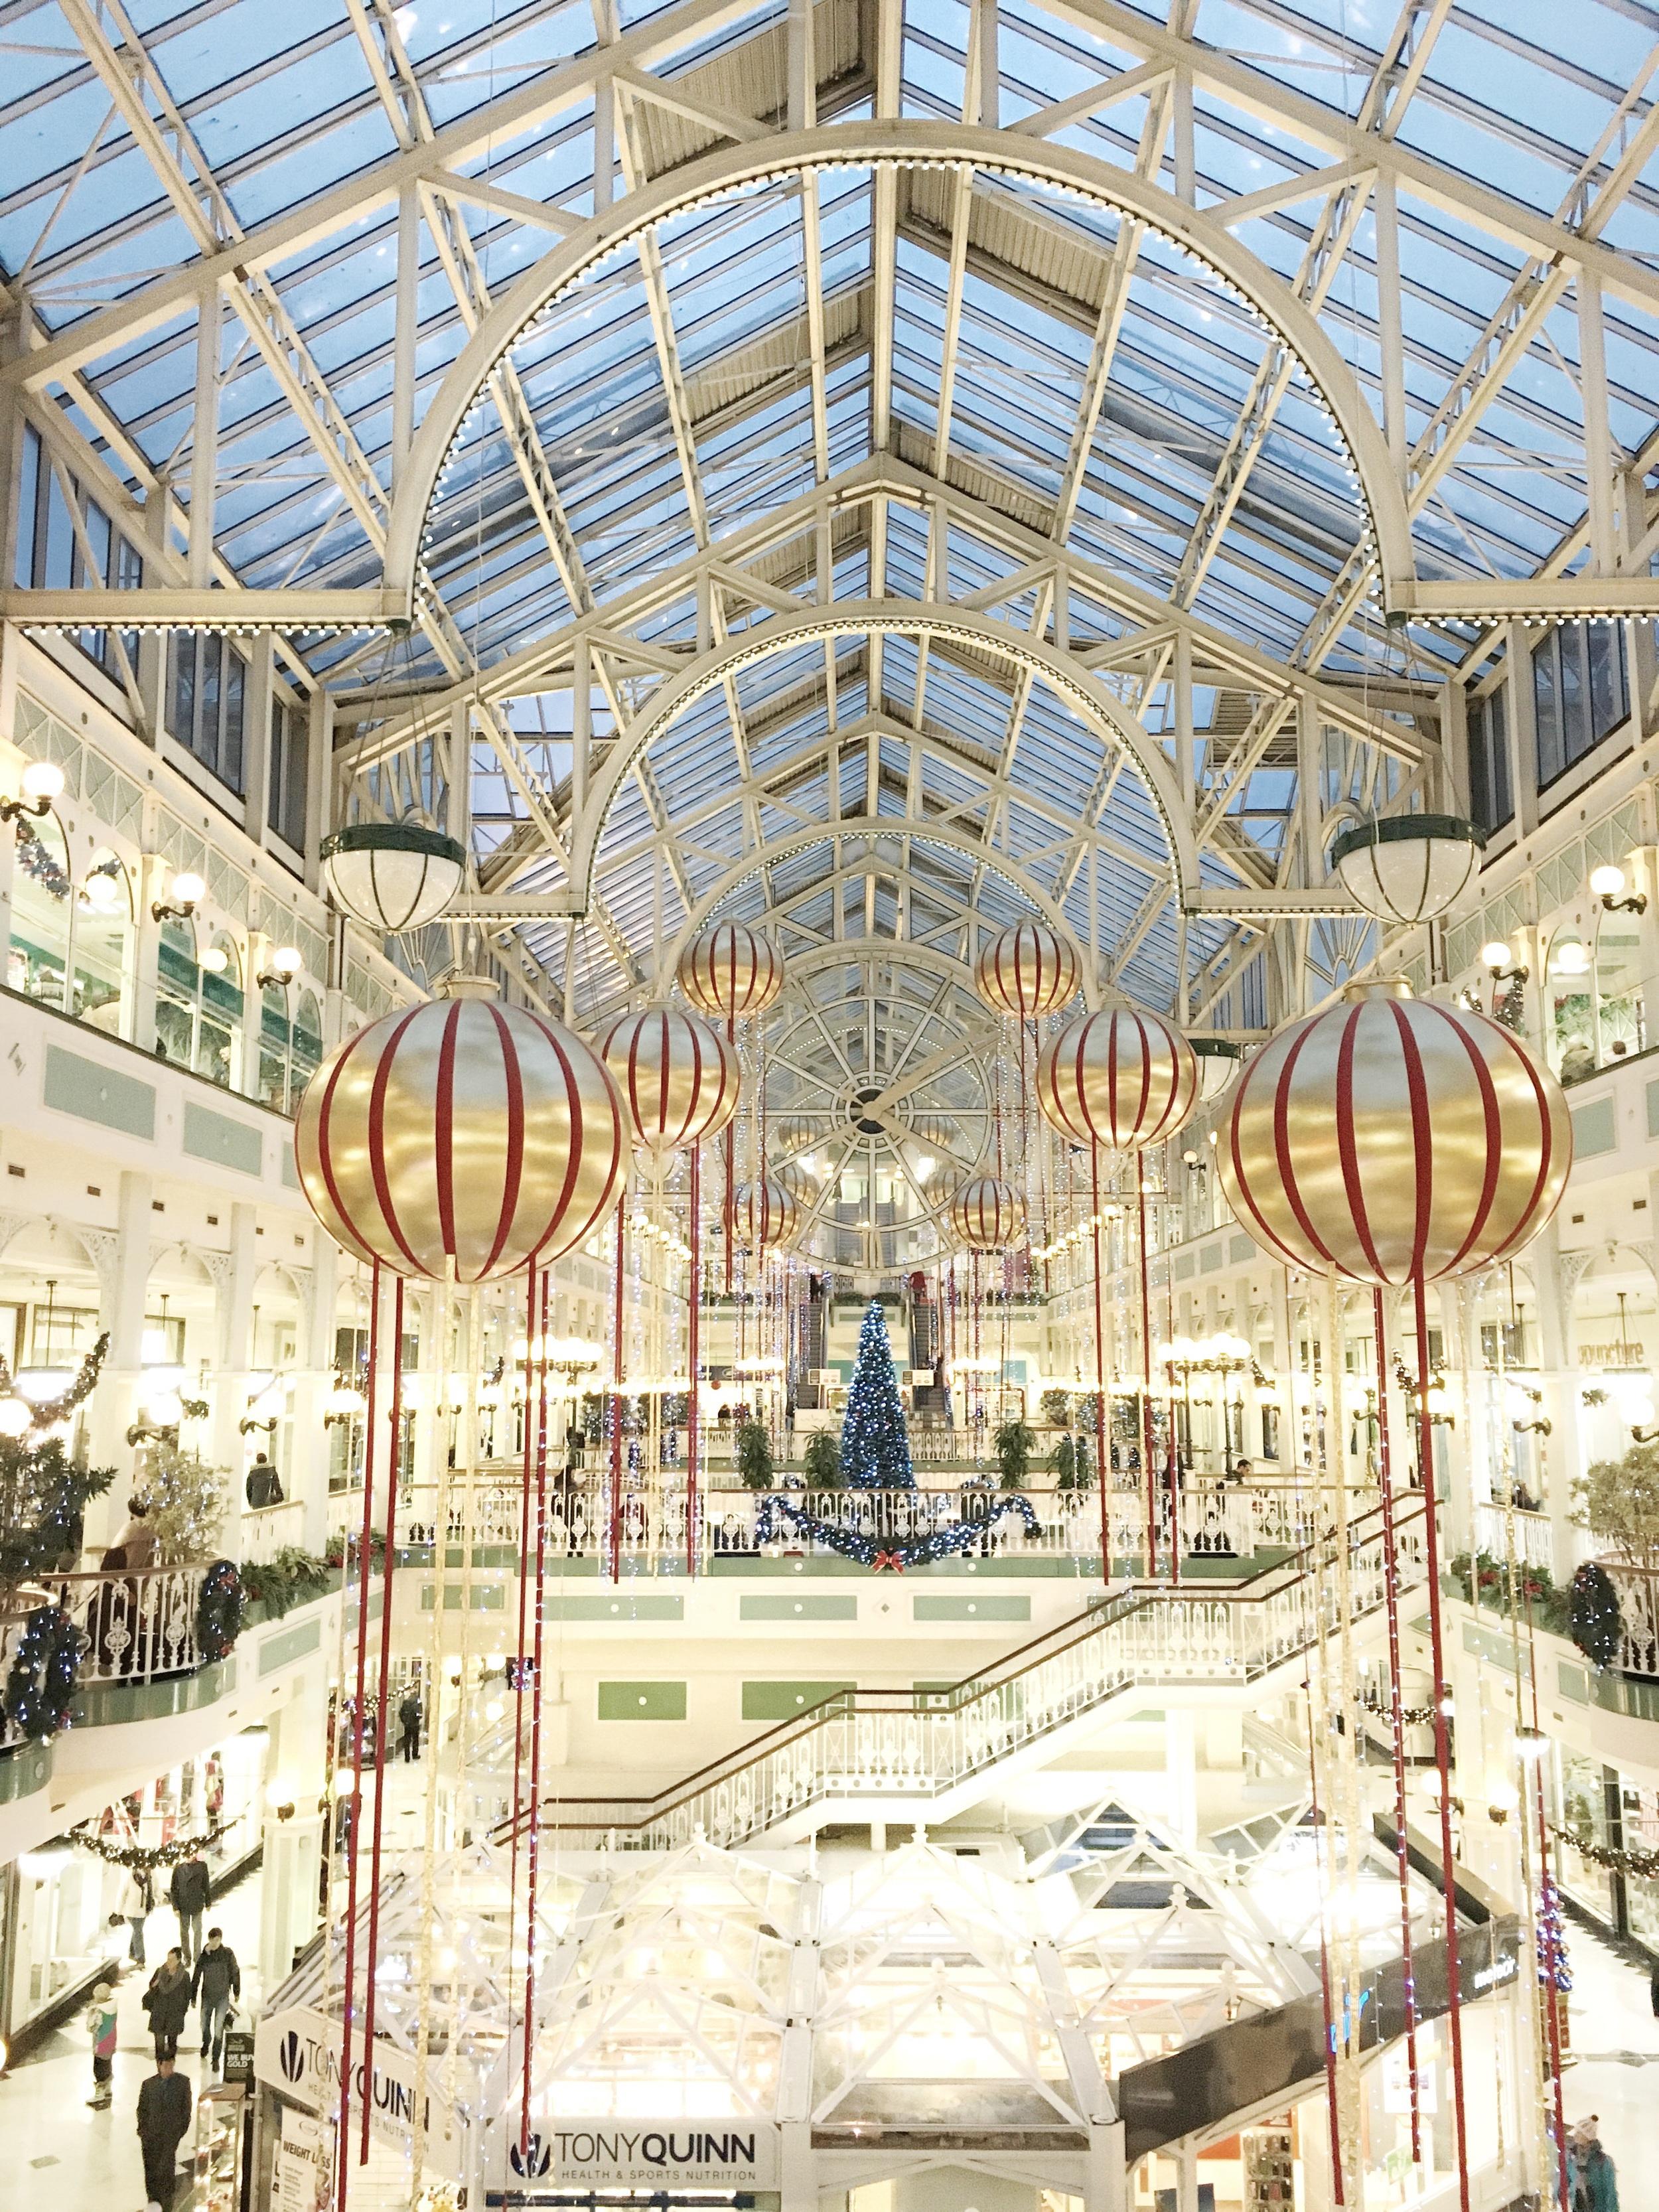 Dublin, Ireland (St. Stephen's Green Shopping Center)